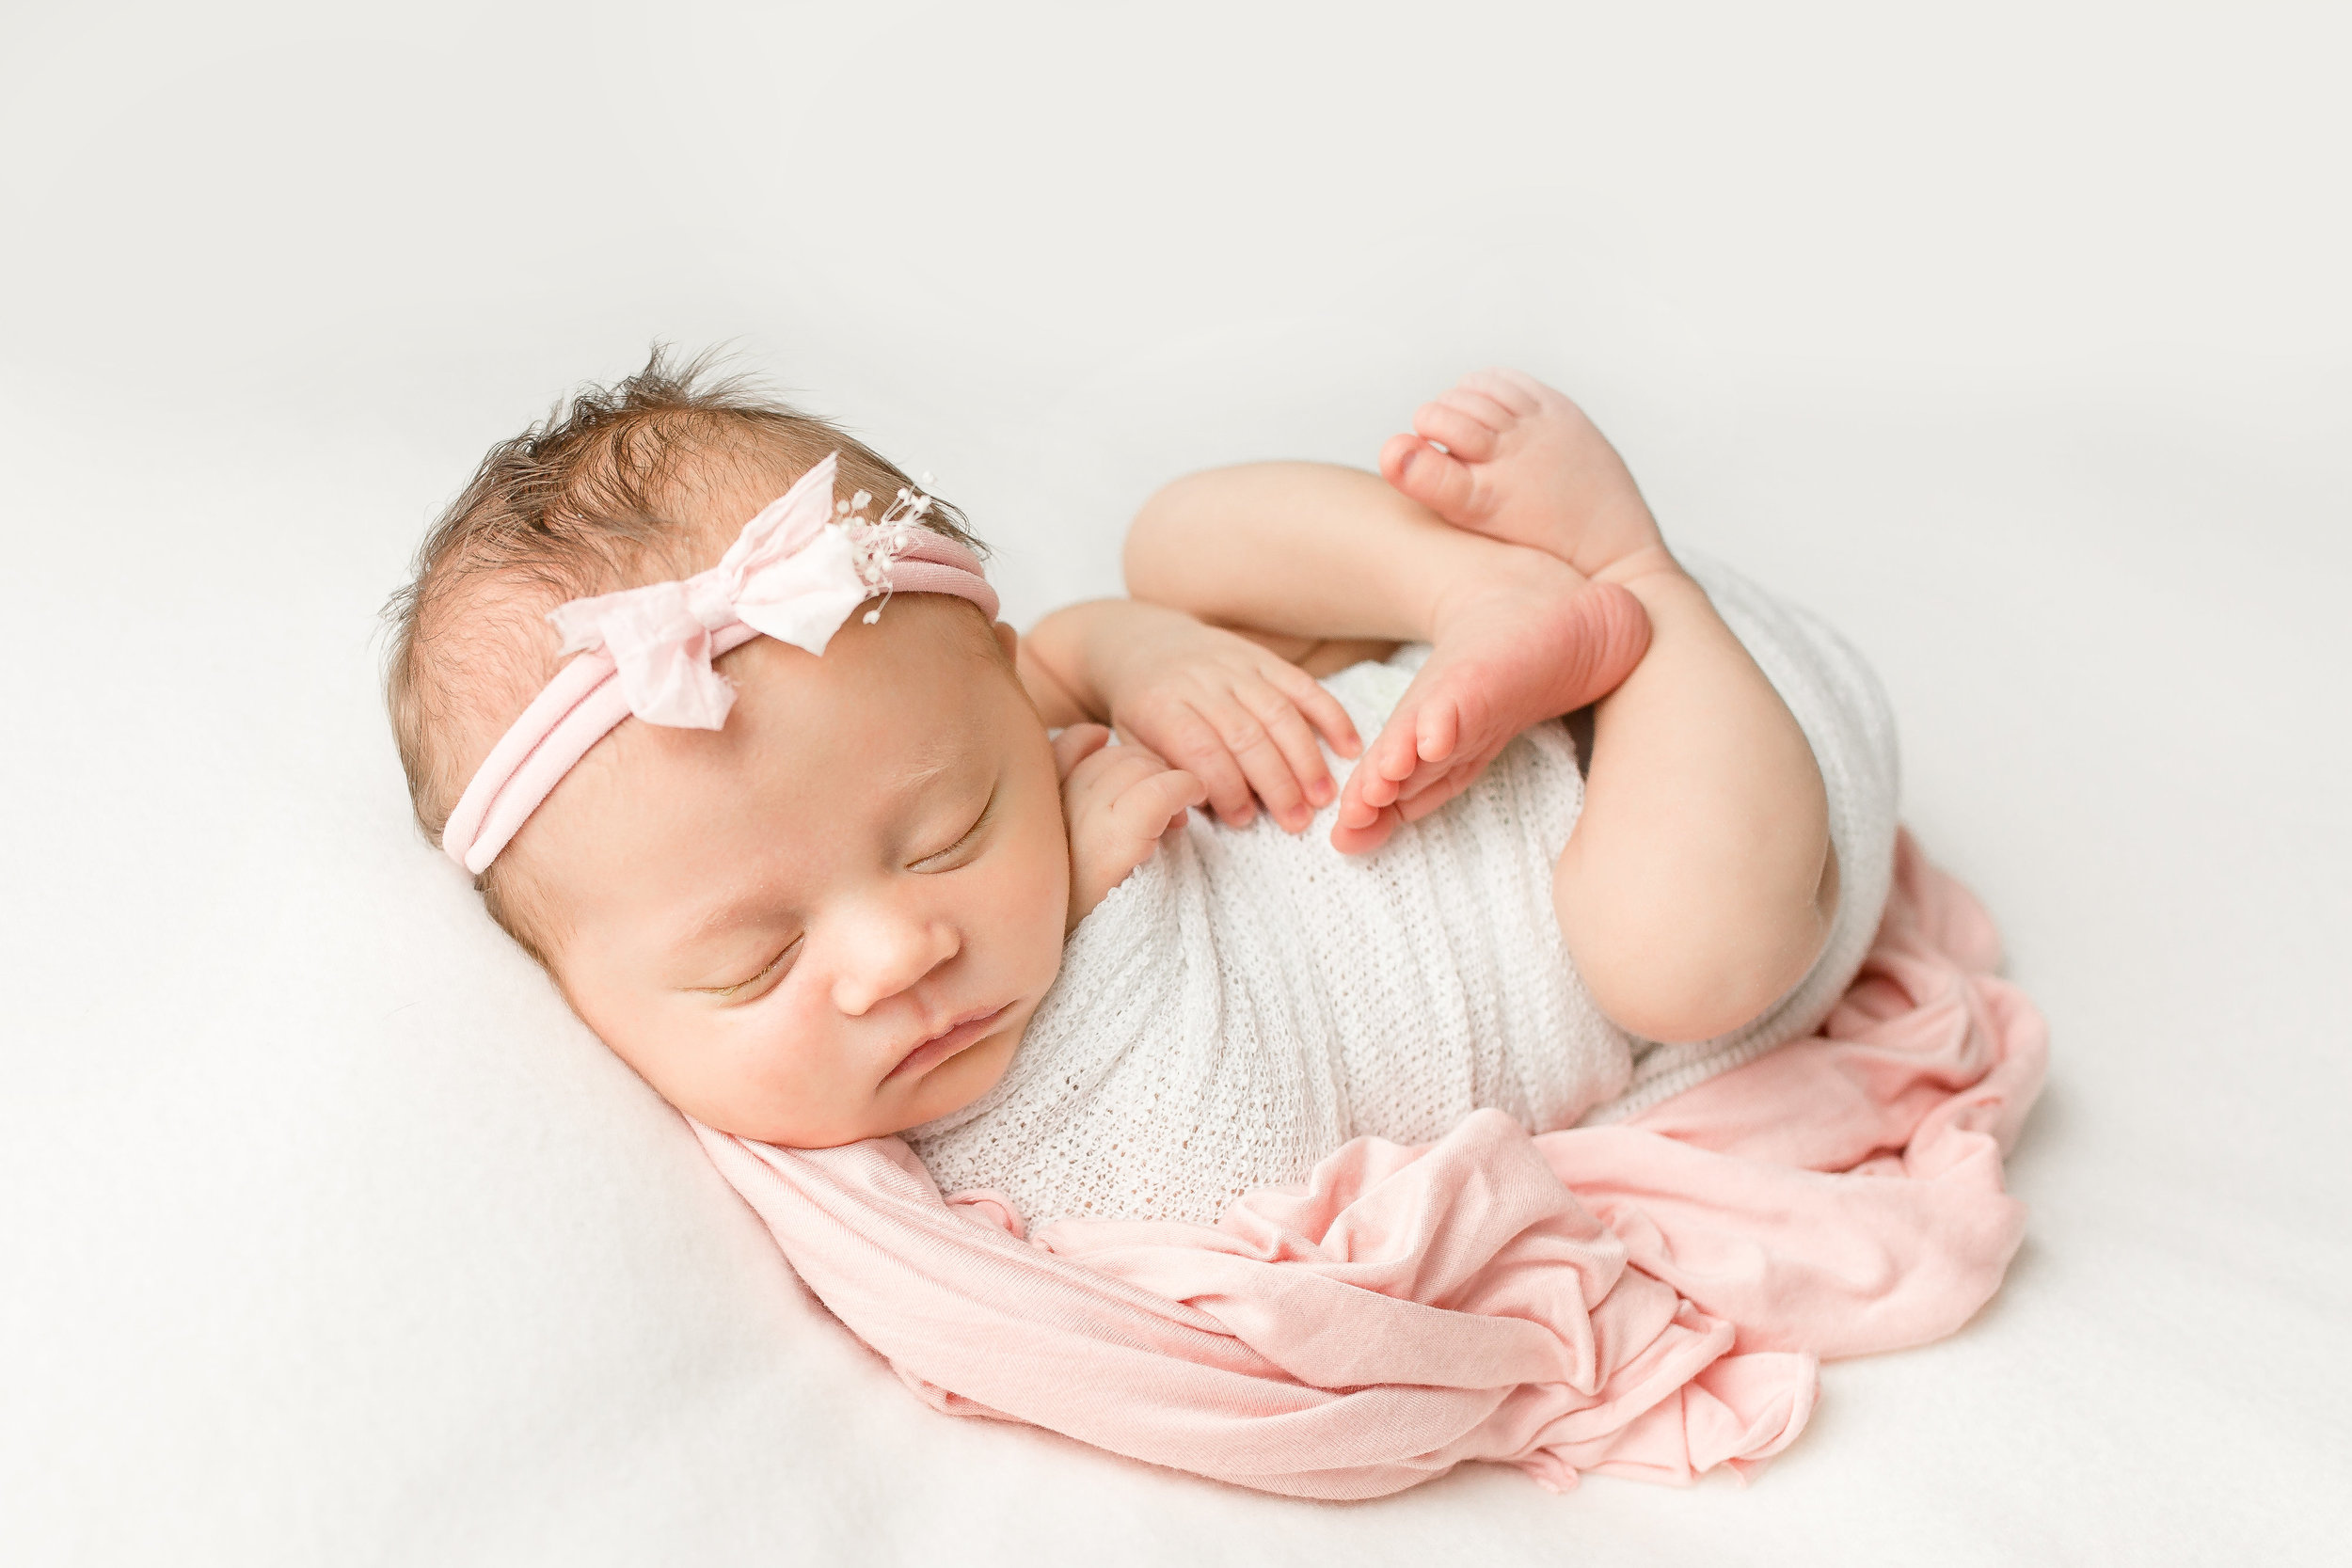 newborn-photography-pink-columbus-ohio-newborn-photographer